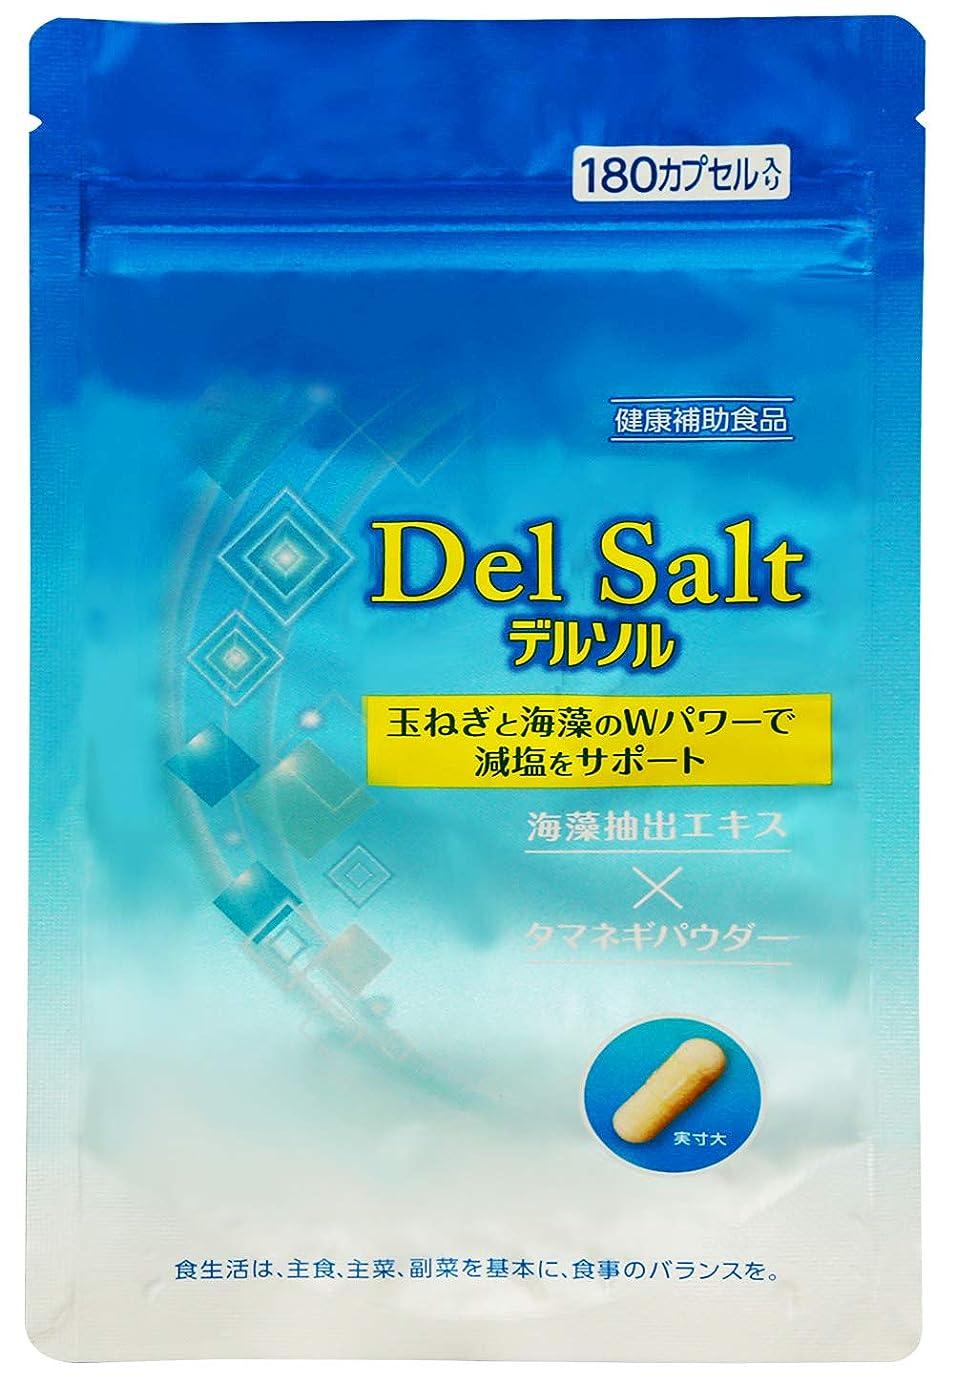 経度質量週間Del Salt デルソル 塩分排出 排塩サプリメント サプリメント 健康補助食品 180粒 チャック付き 袋タイプ 持ち運び便利